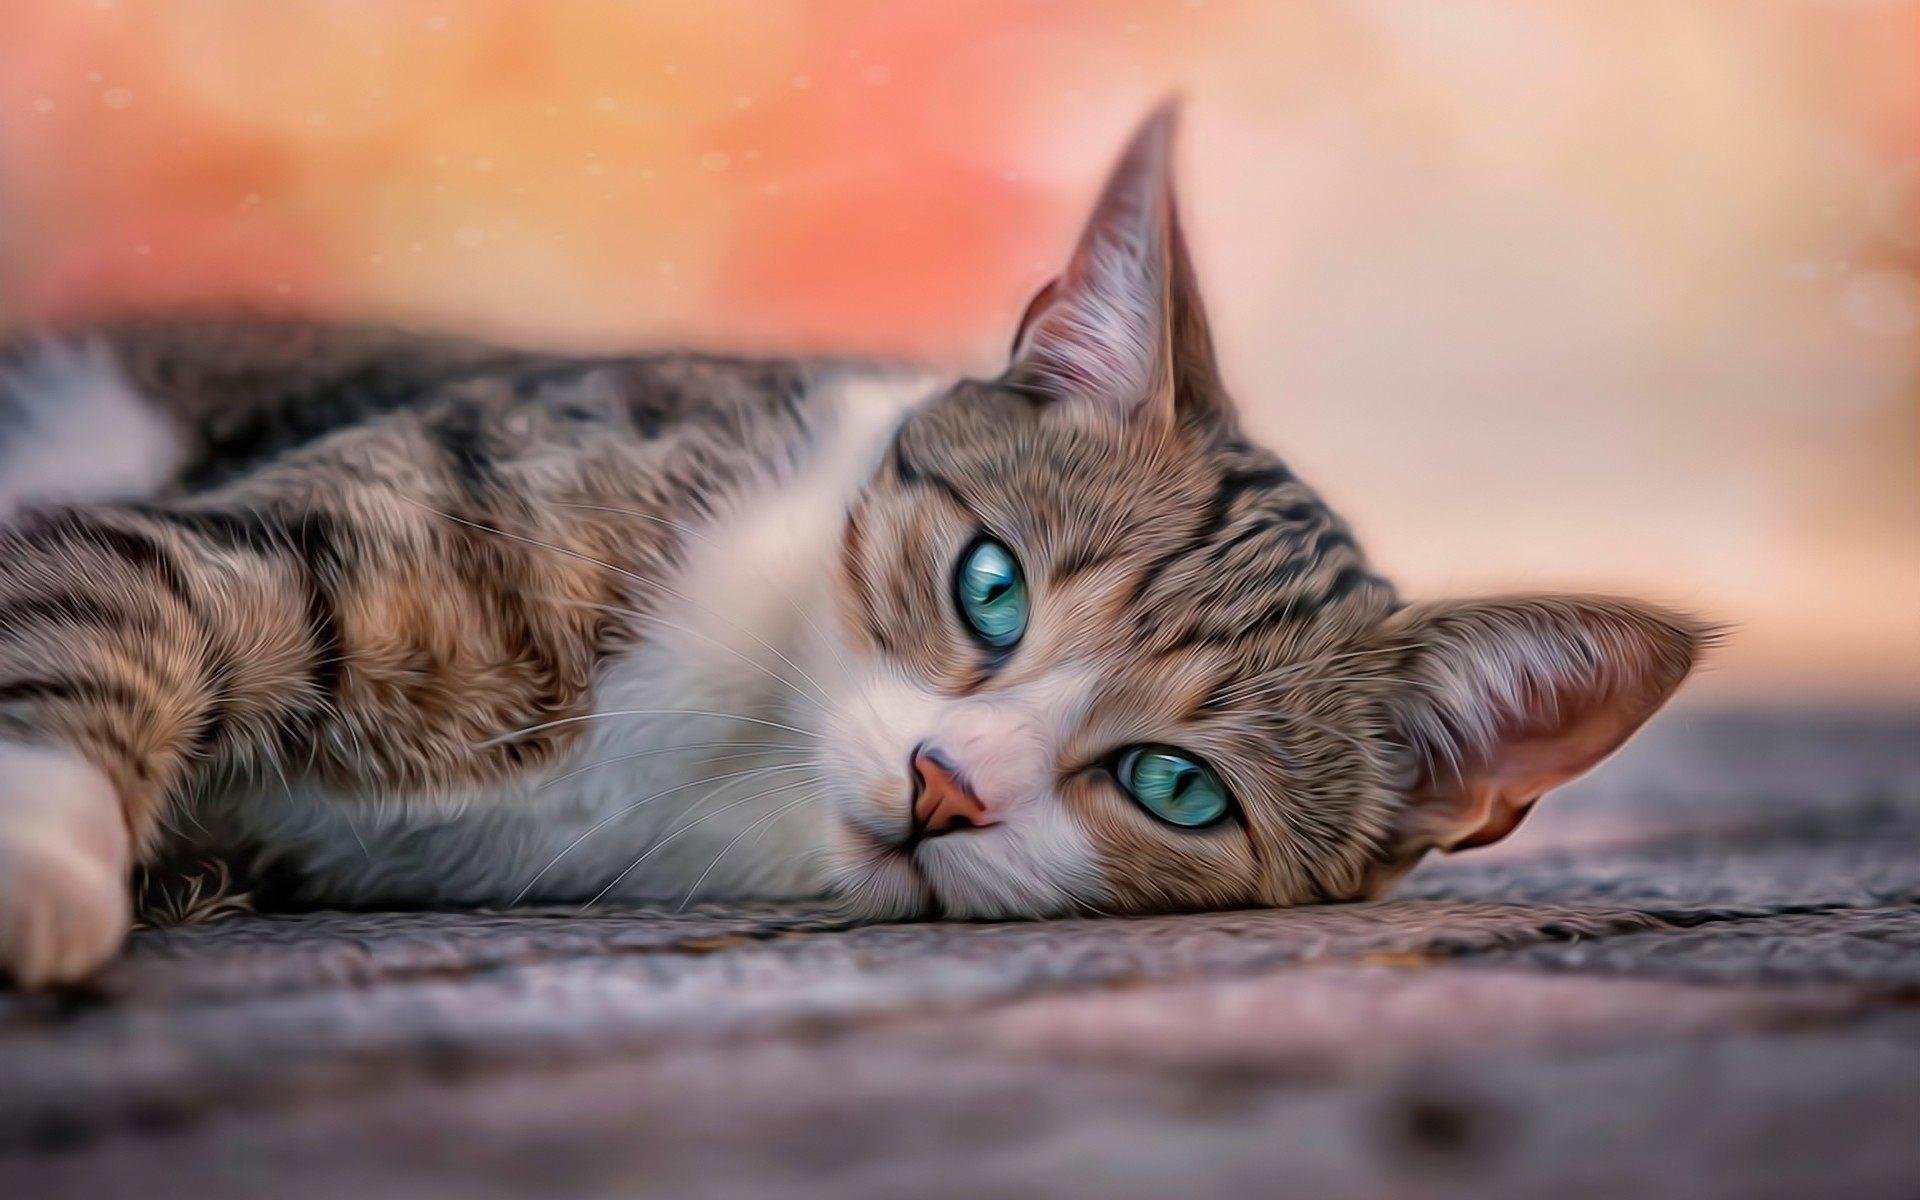 Kedi Ekran Resmi